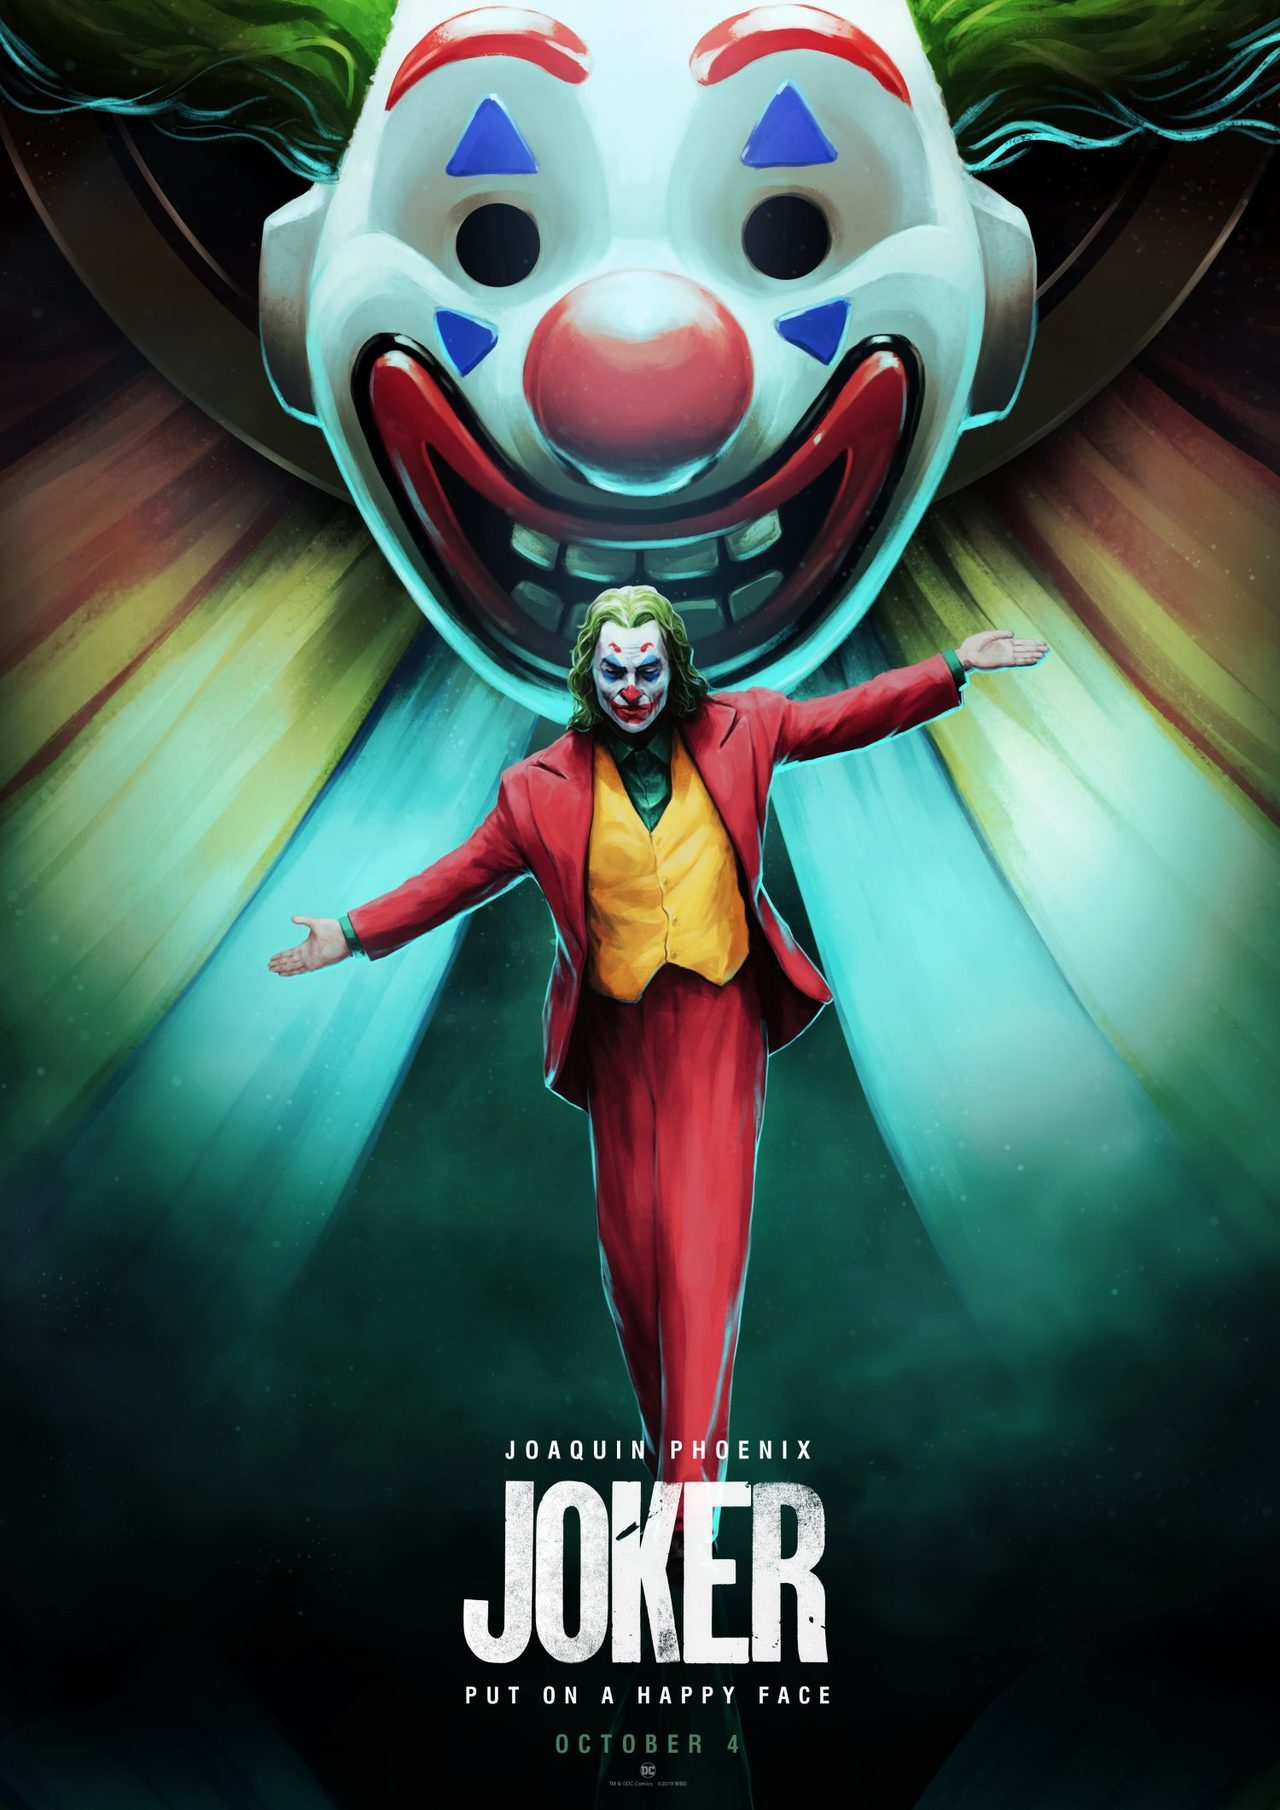 Joker Alternative Poster - Created by Salny Setyadi